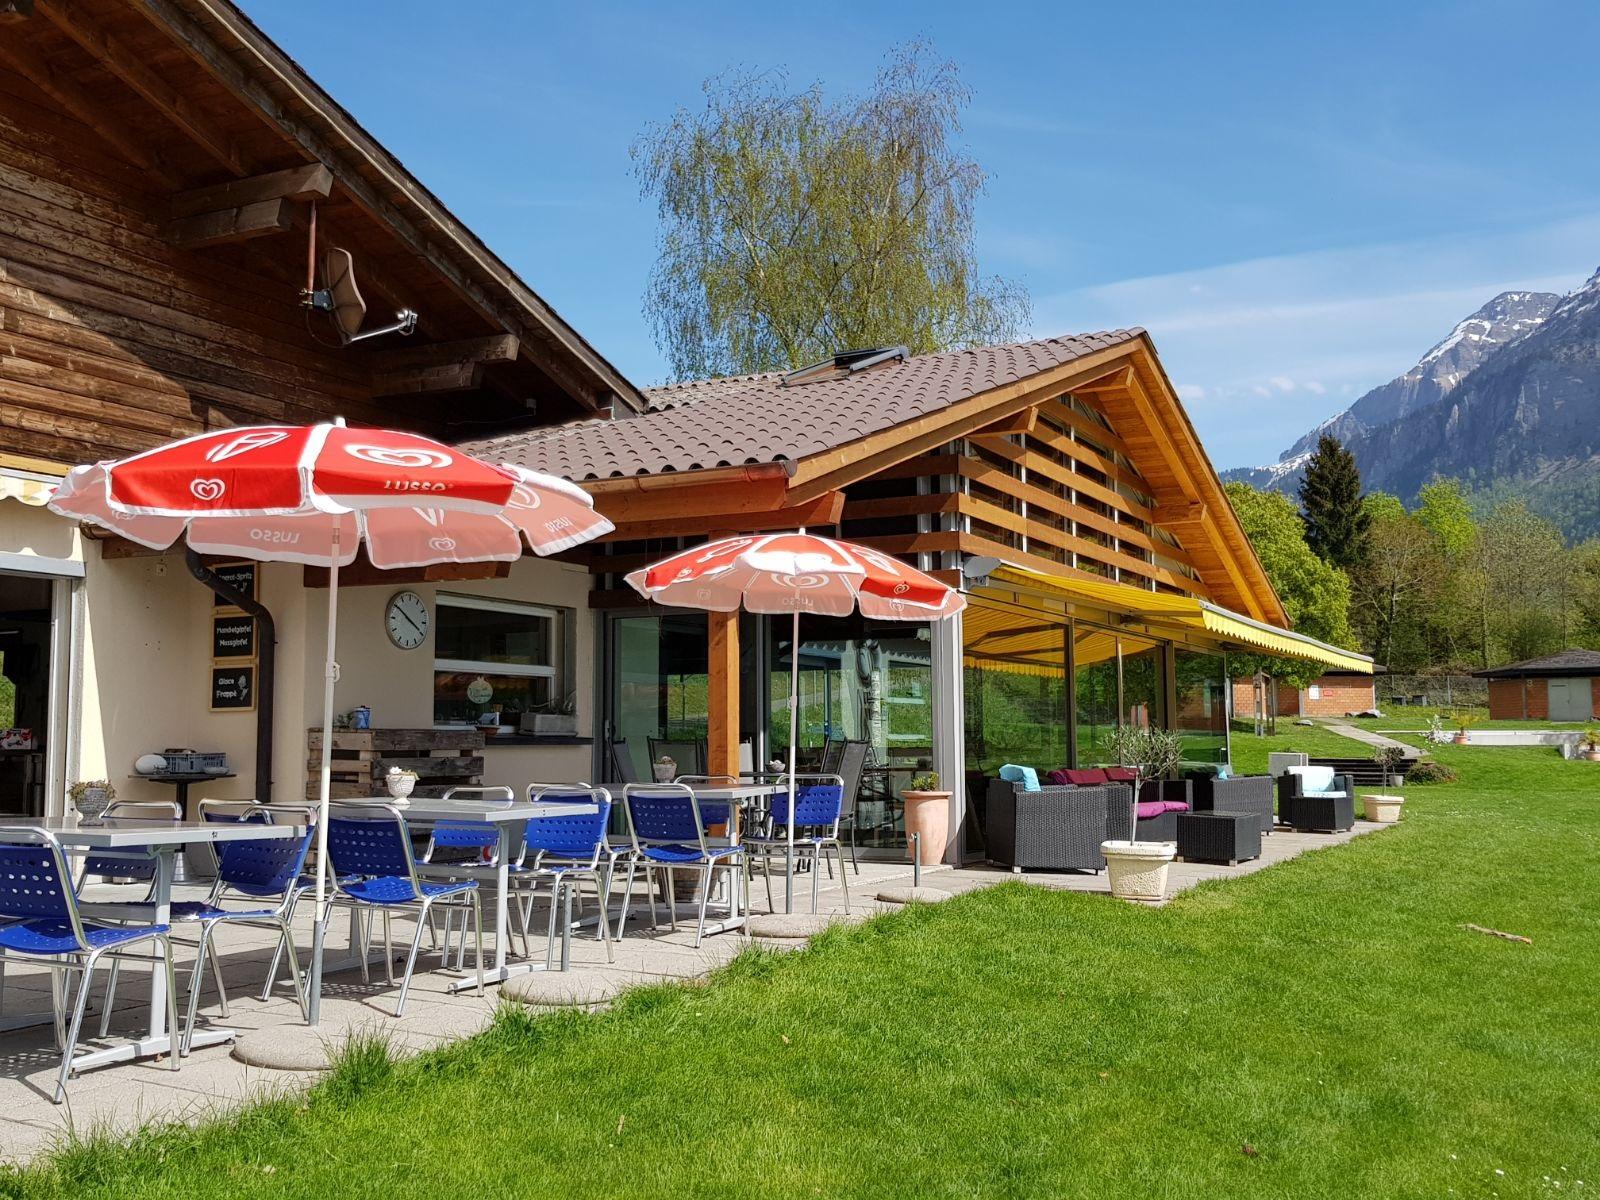 brienz-strandbad-restaurant-zwischenverpflegung-sommer-baden